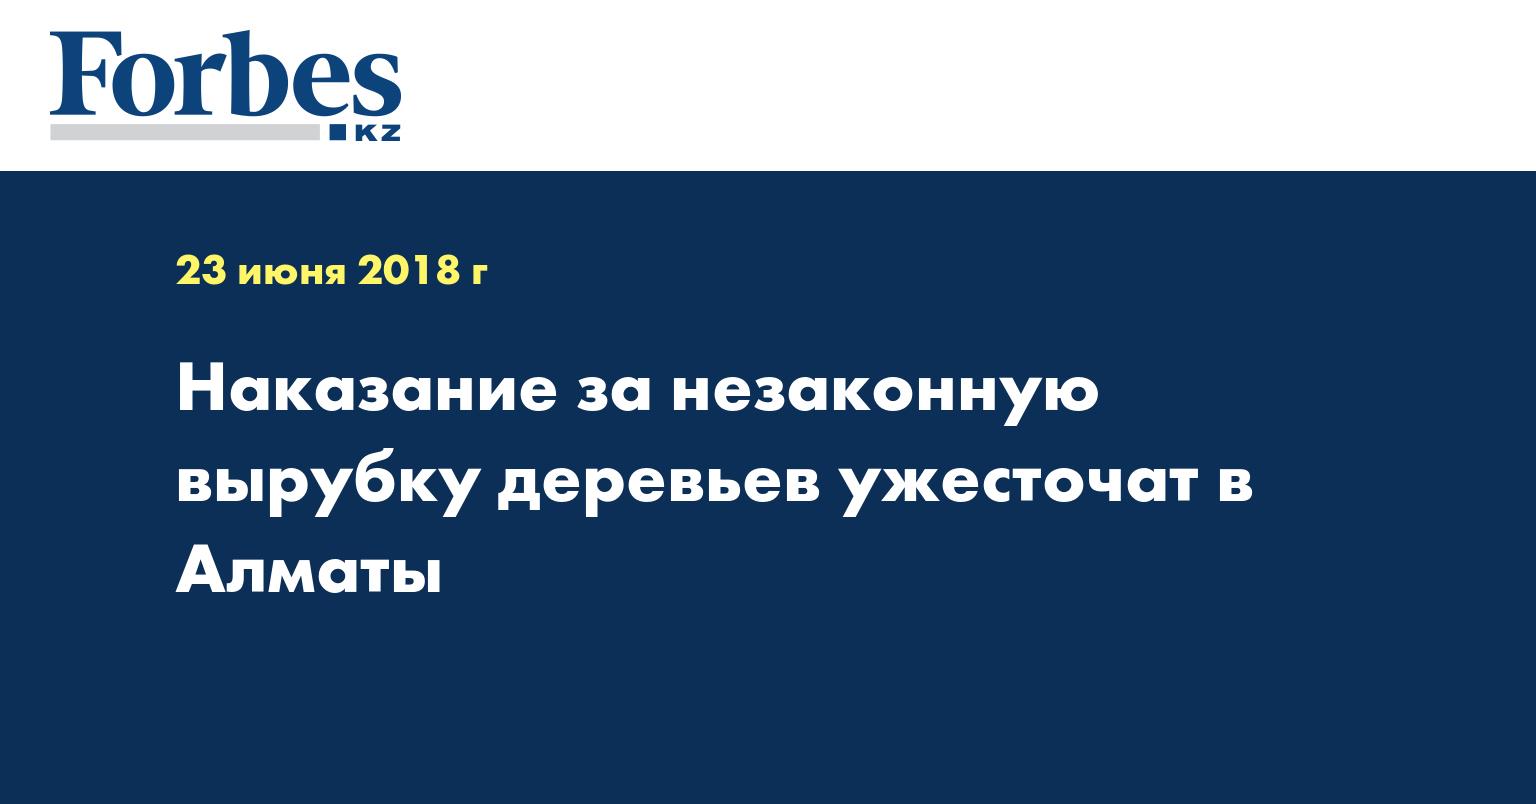 Наказание за незаконную вырубку деревьев ужесточат в Алматы